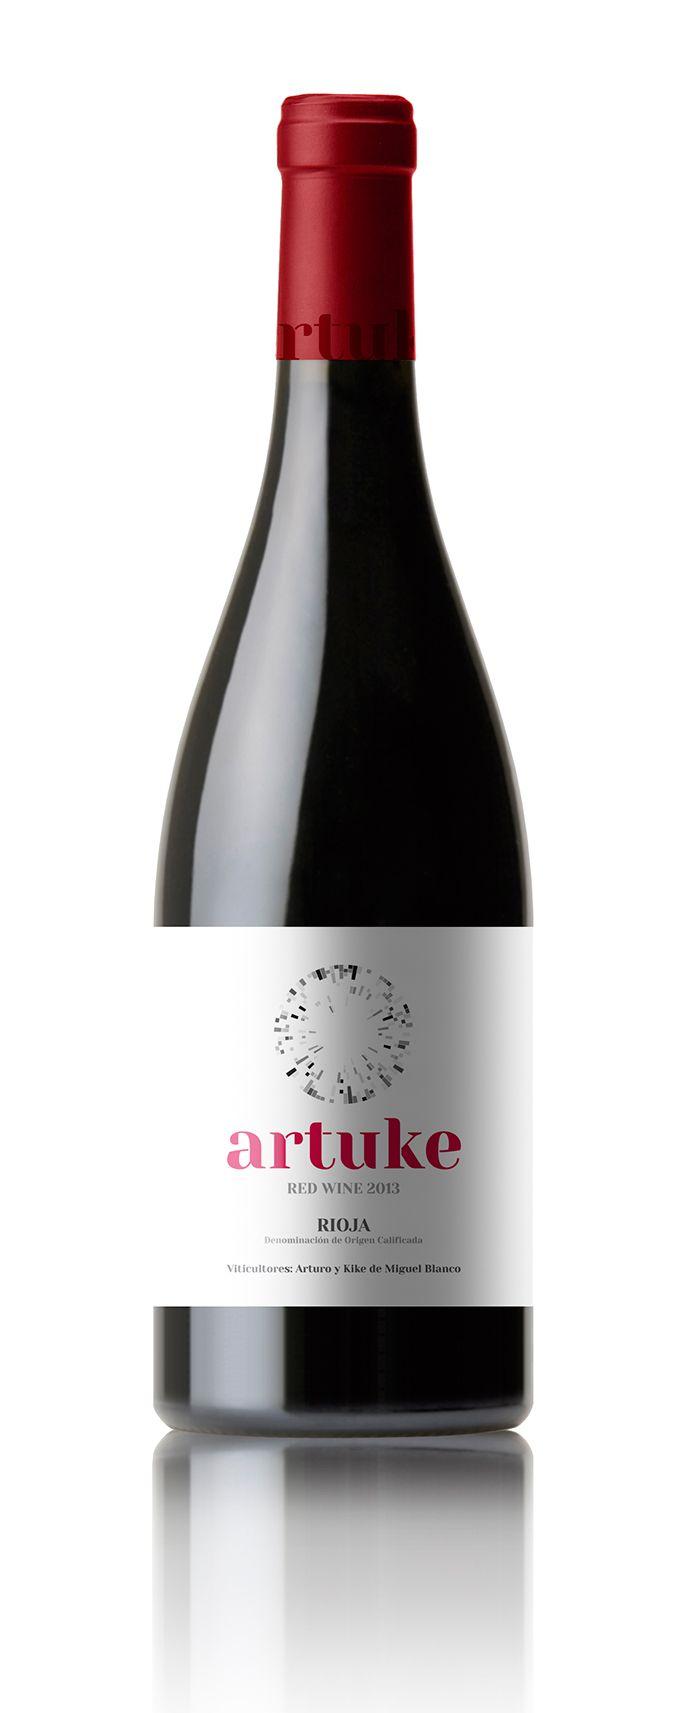 Artuke Maceracion Carbonica D O Rioja Wine Of Spain Hemos Querido Plasmar Mediante Esta Nueva Presentacion La Sencillez Y Frescur Wein Baskenland Baskisch